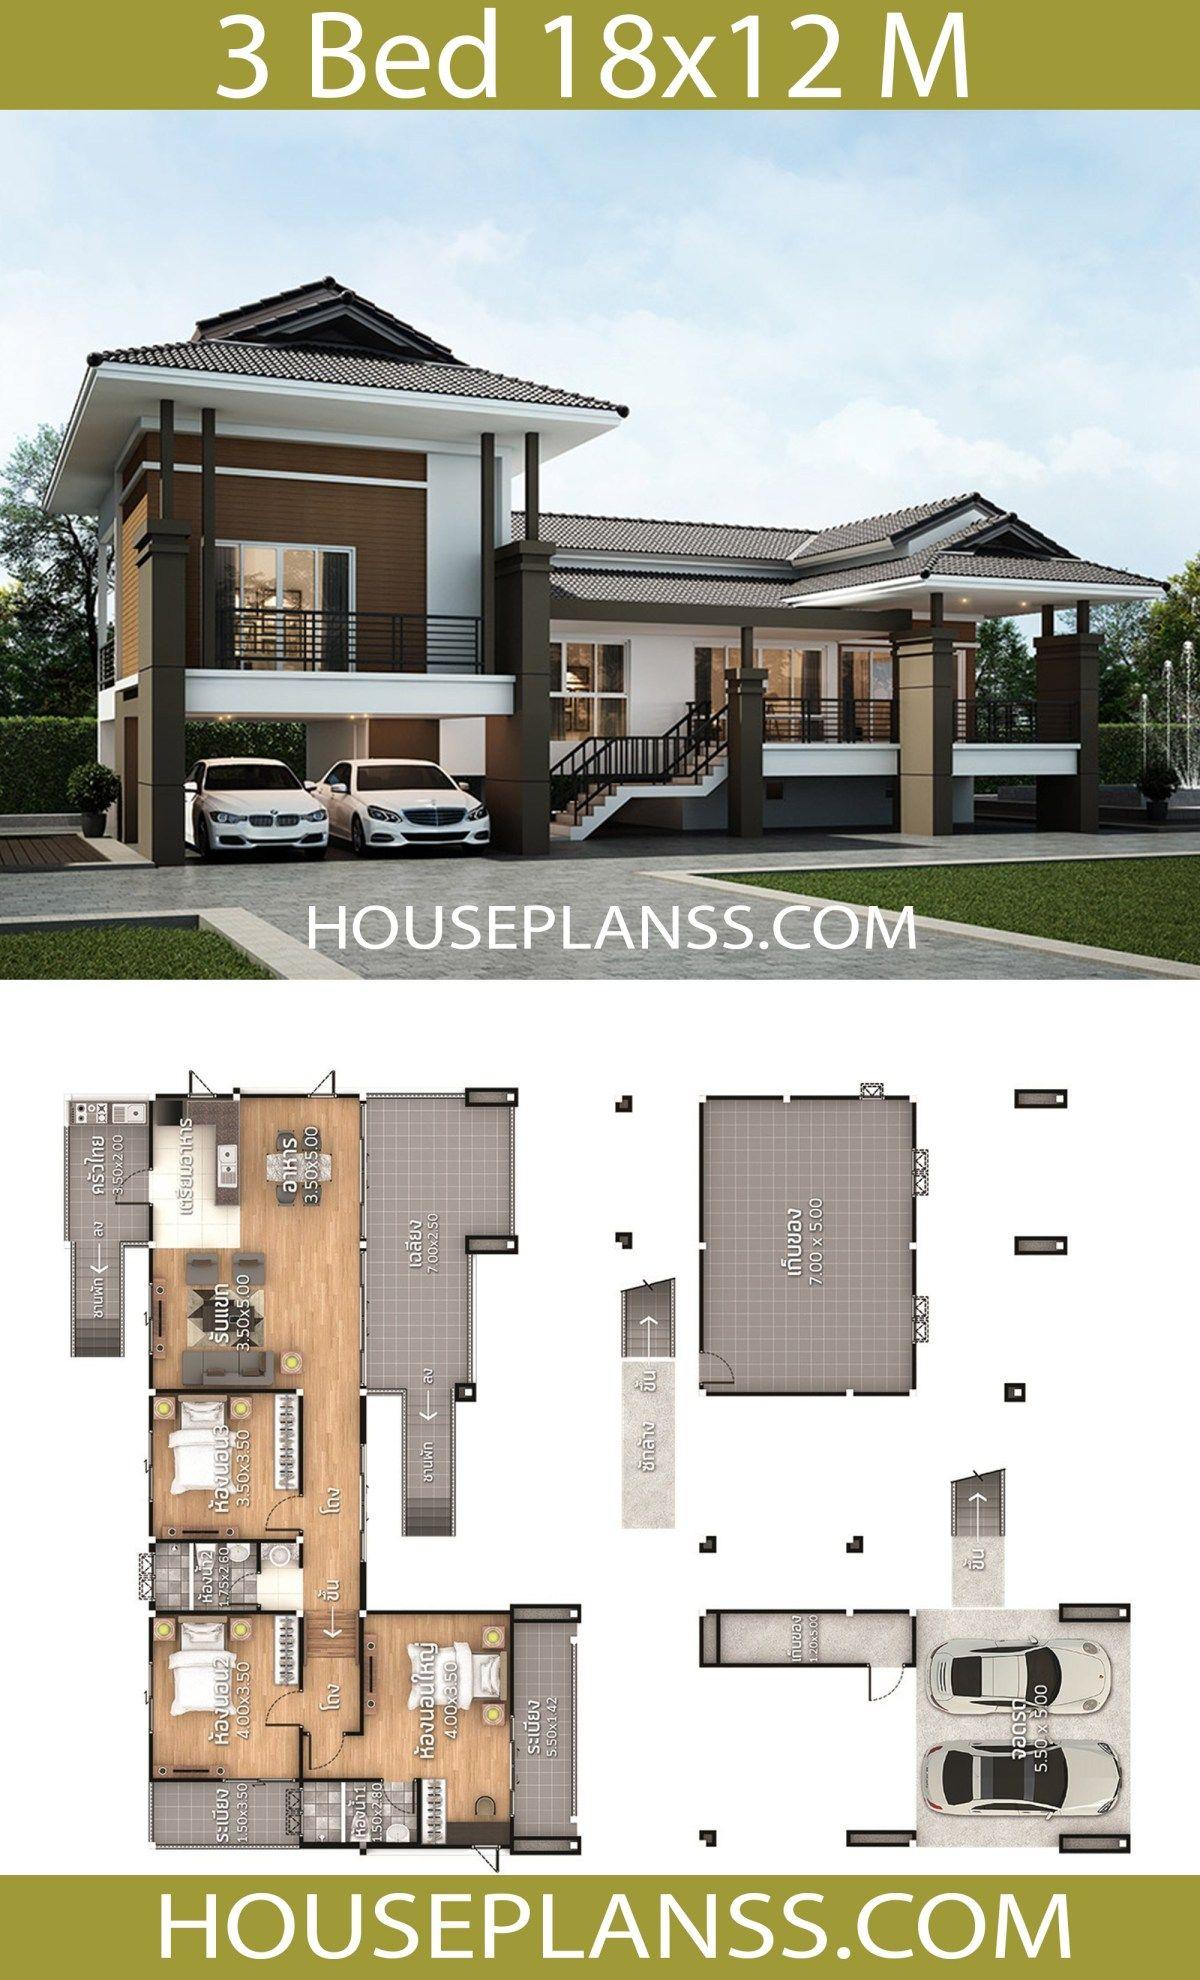 House Plans Idea 18x12 With 3 Bedrooms House Plans 3d In 2020 Home Design Plans House Outside Design House Architecture Design